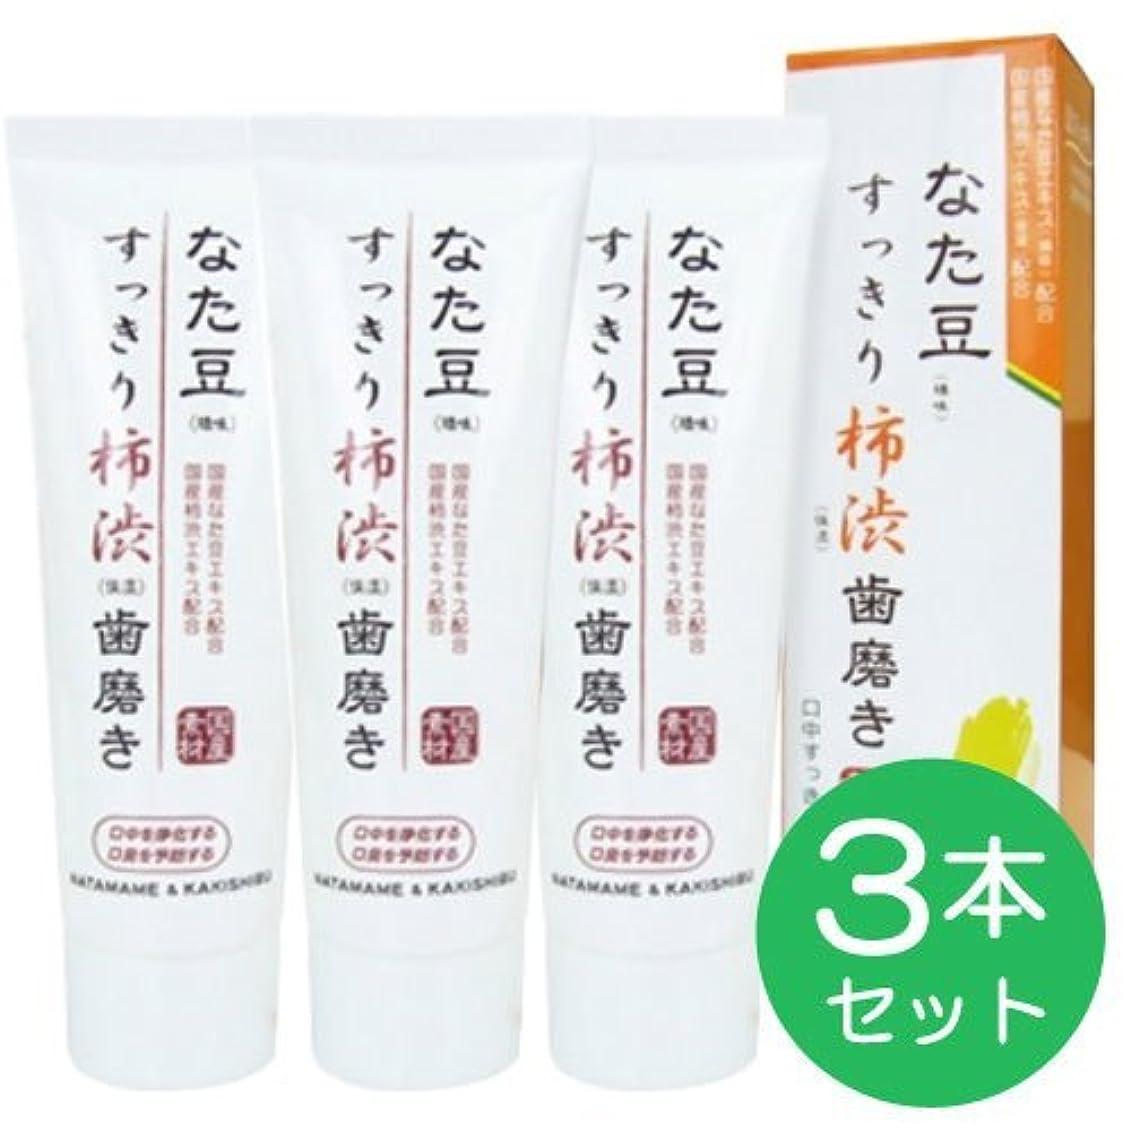 ナイトスポット薄める男らしさなた豆すっきり柿渋歯磨き粉 (3個)